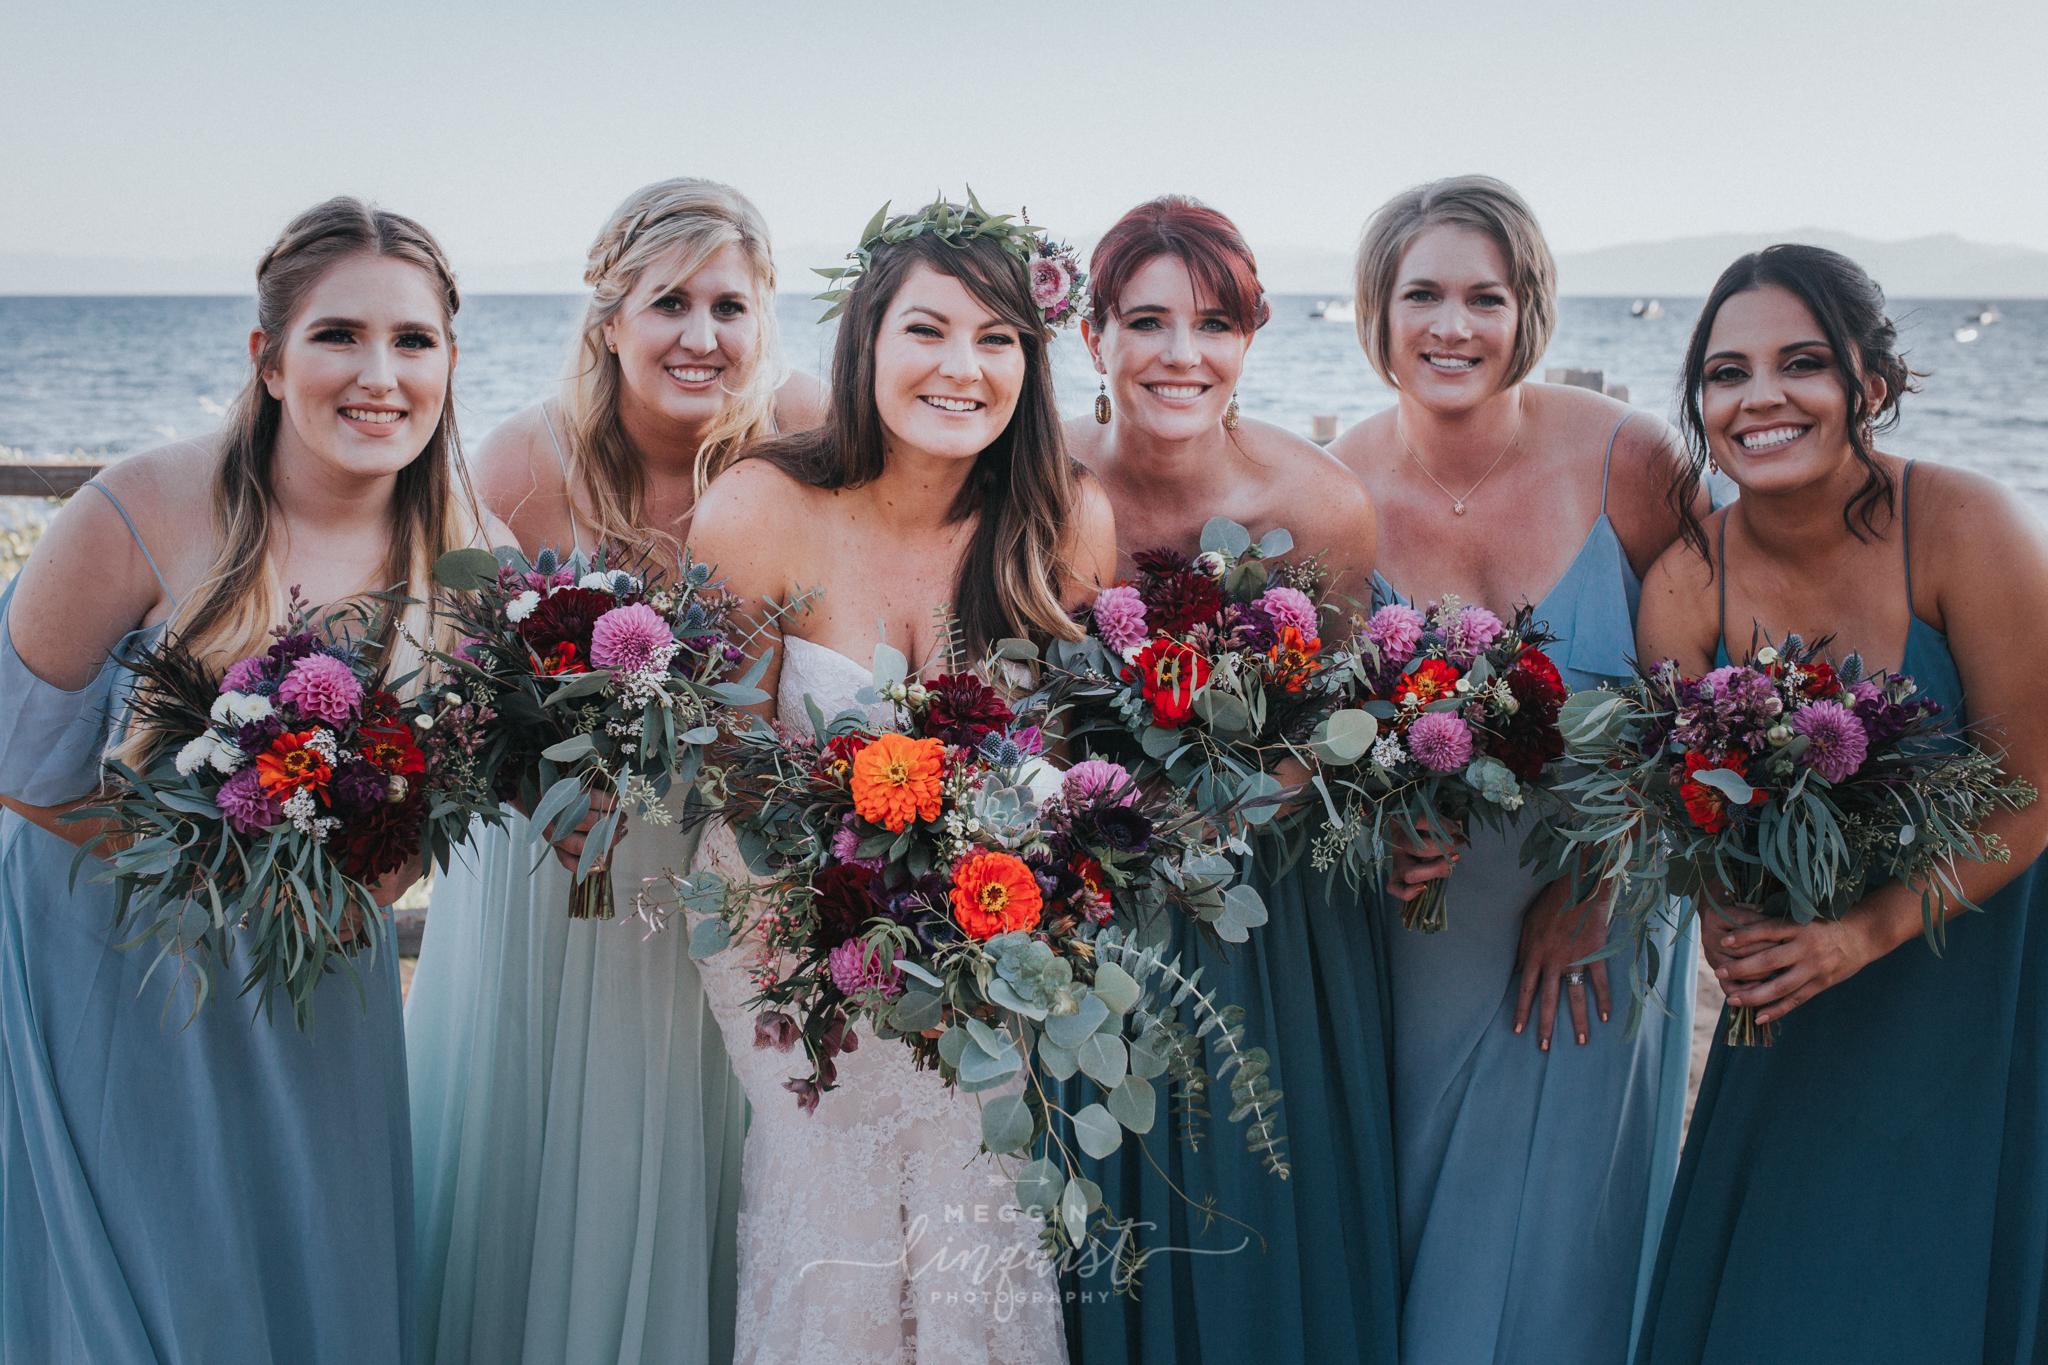 bohemian-style-lake-wedding-reno-lake-tahoe-wedding-photographer-30.jpg